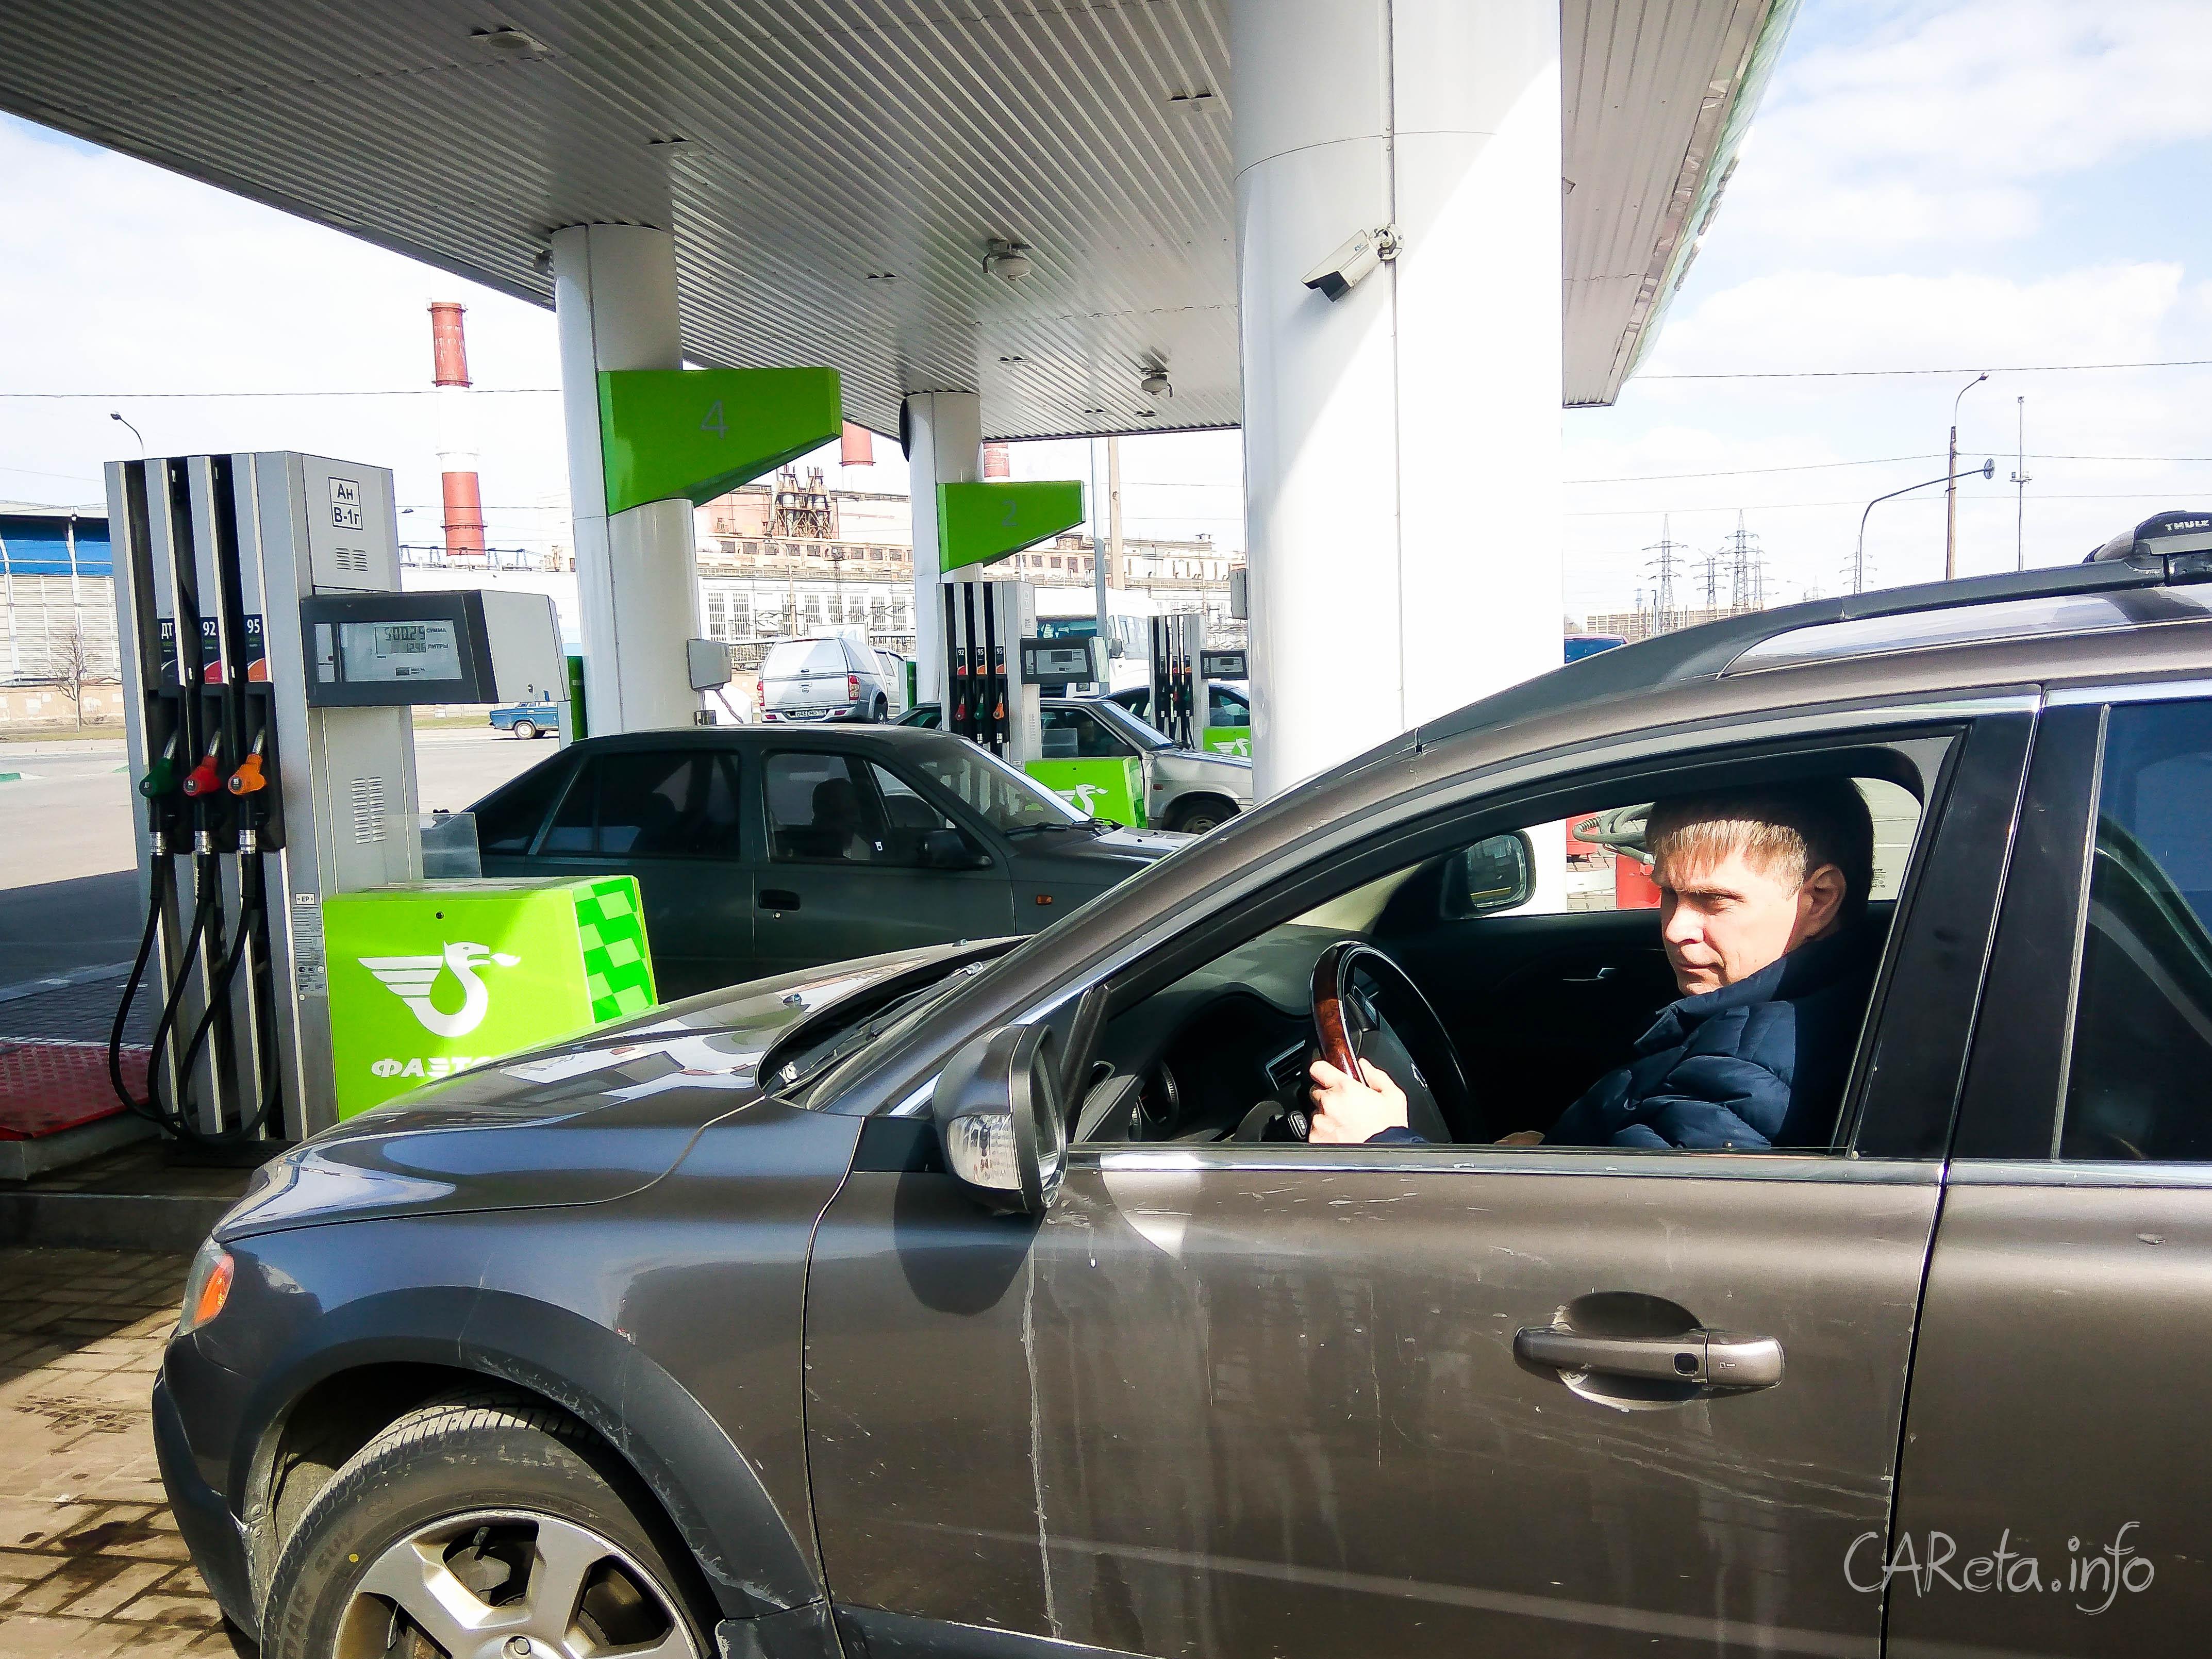 """Машина """"встала"""" из-за некачественного топлива. Что делать?"""